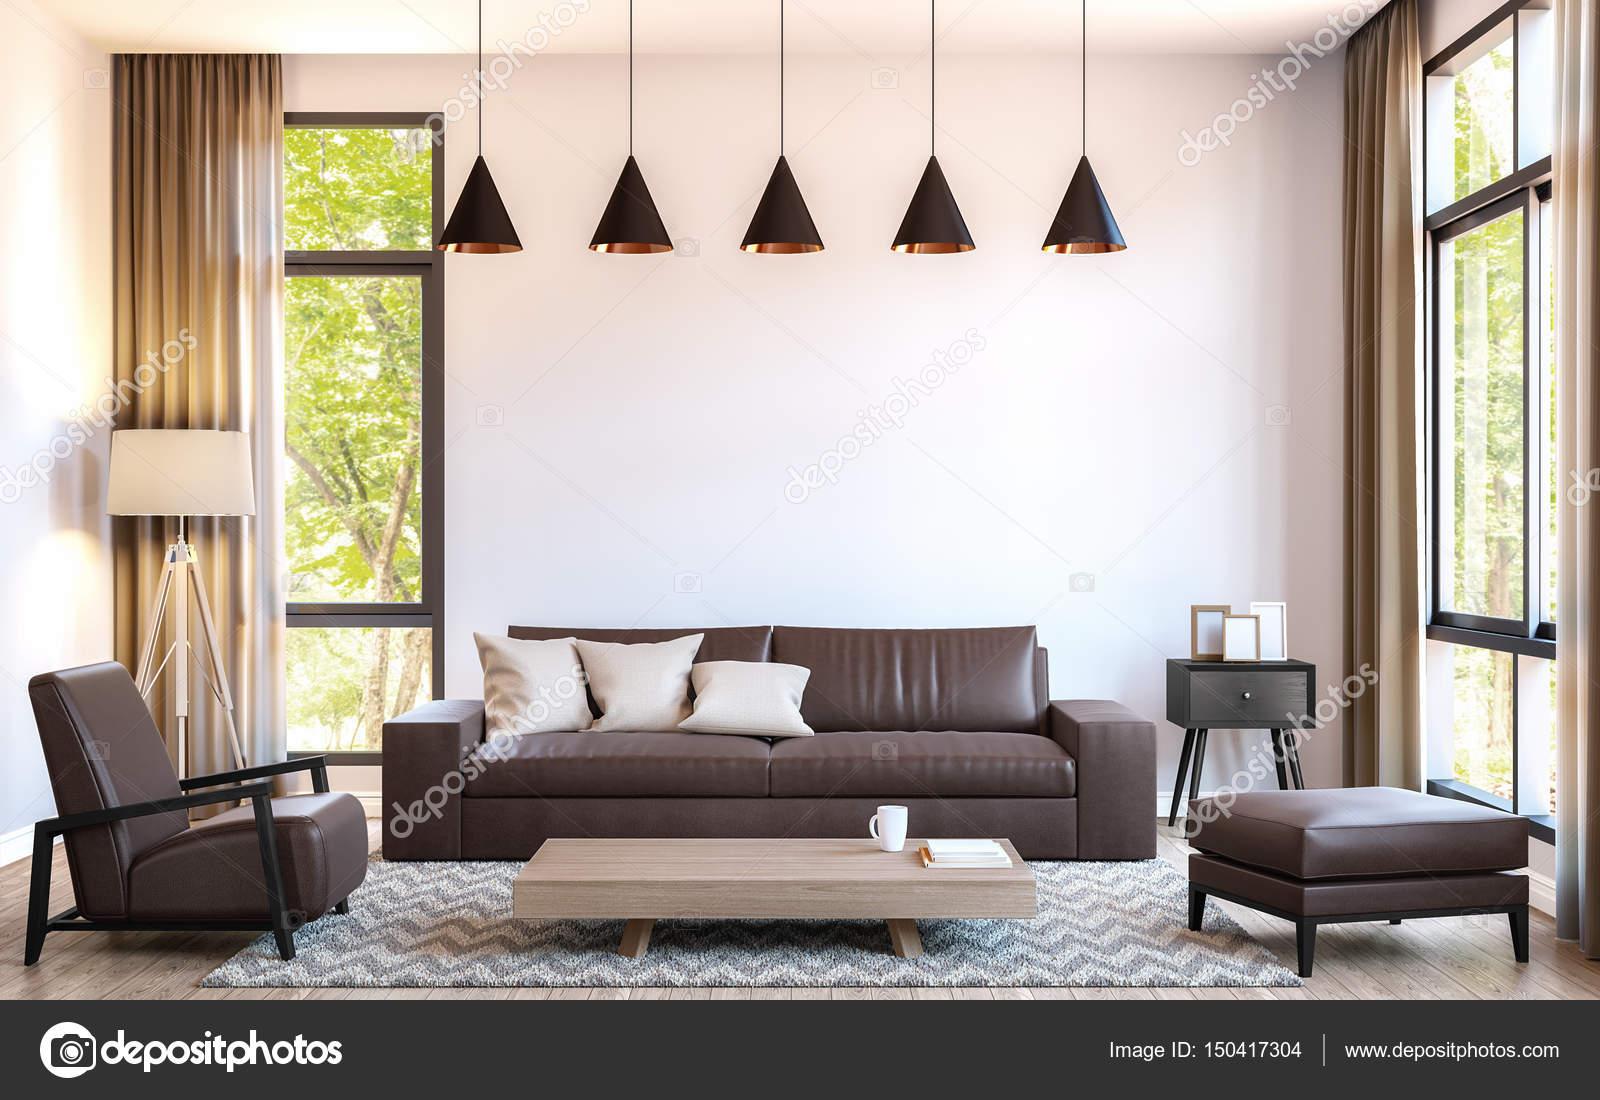 Moderne Wohnzimmer schmücken mit braunem Leder Möbel 3d Render Bild ...